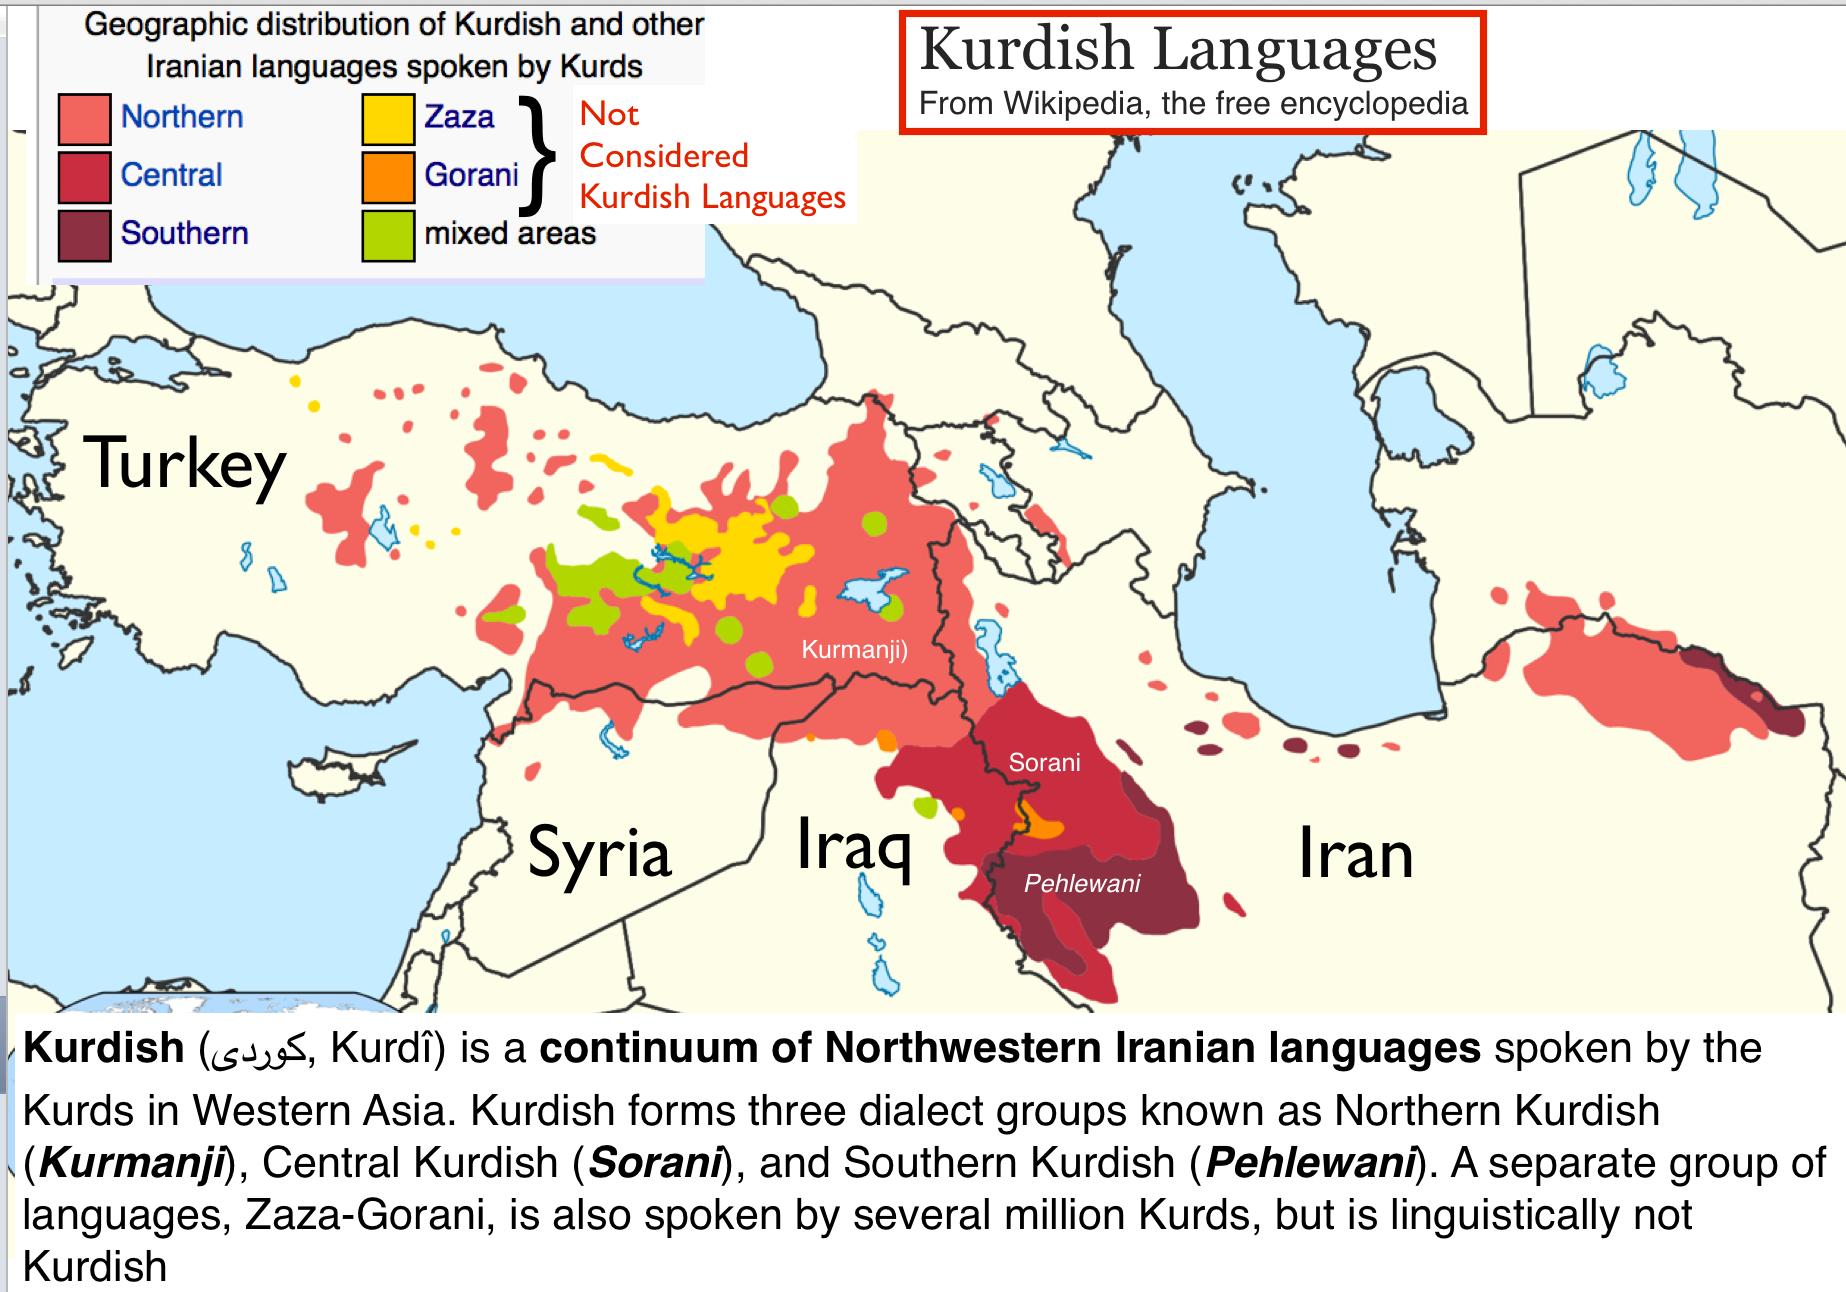 kurdish languages map